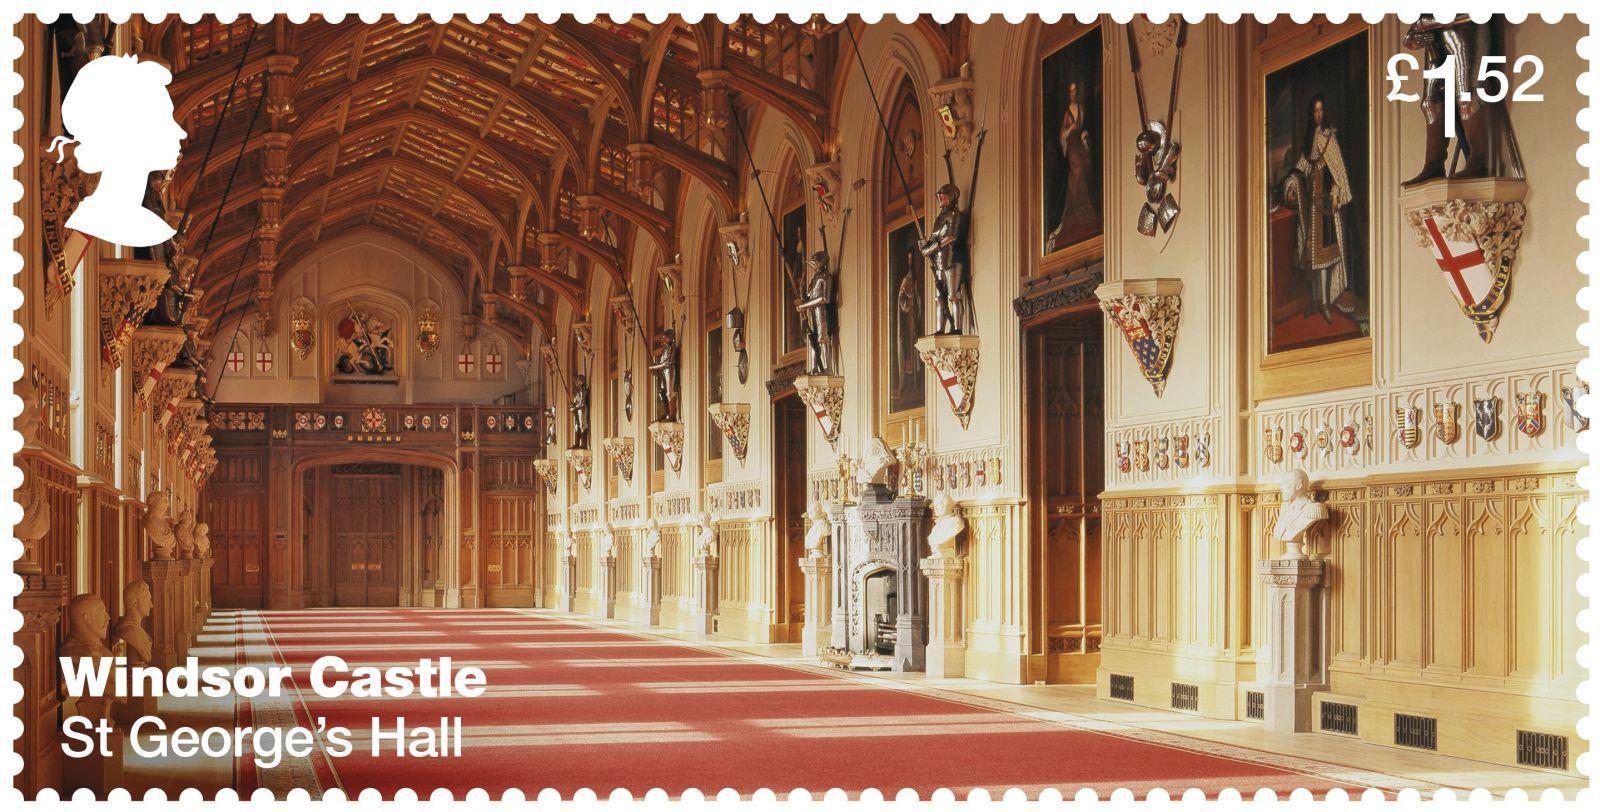 Windsor_Castle_on_Royal_Mail_stamps06